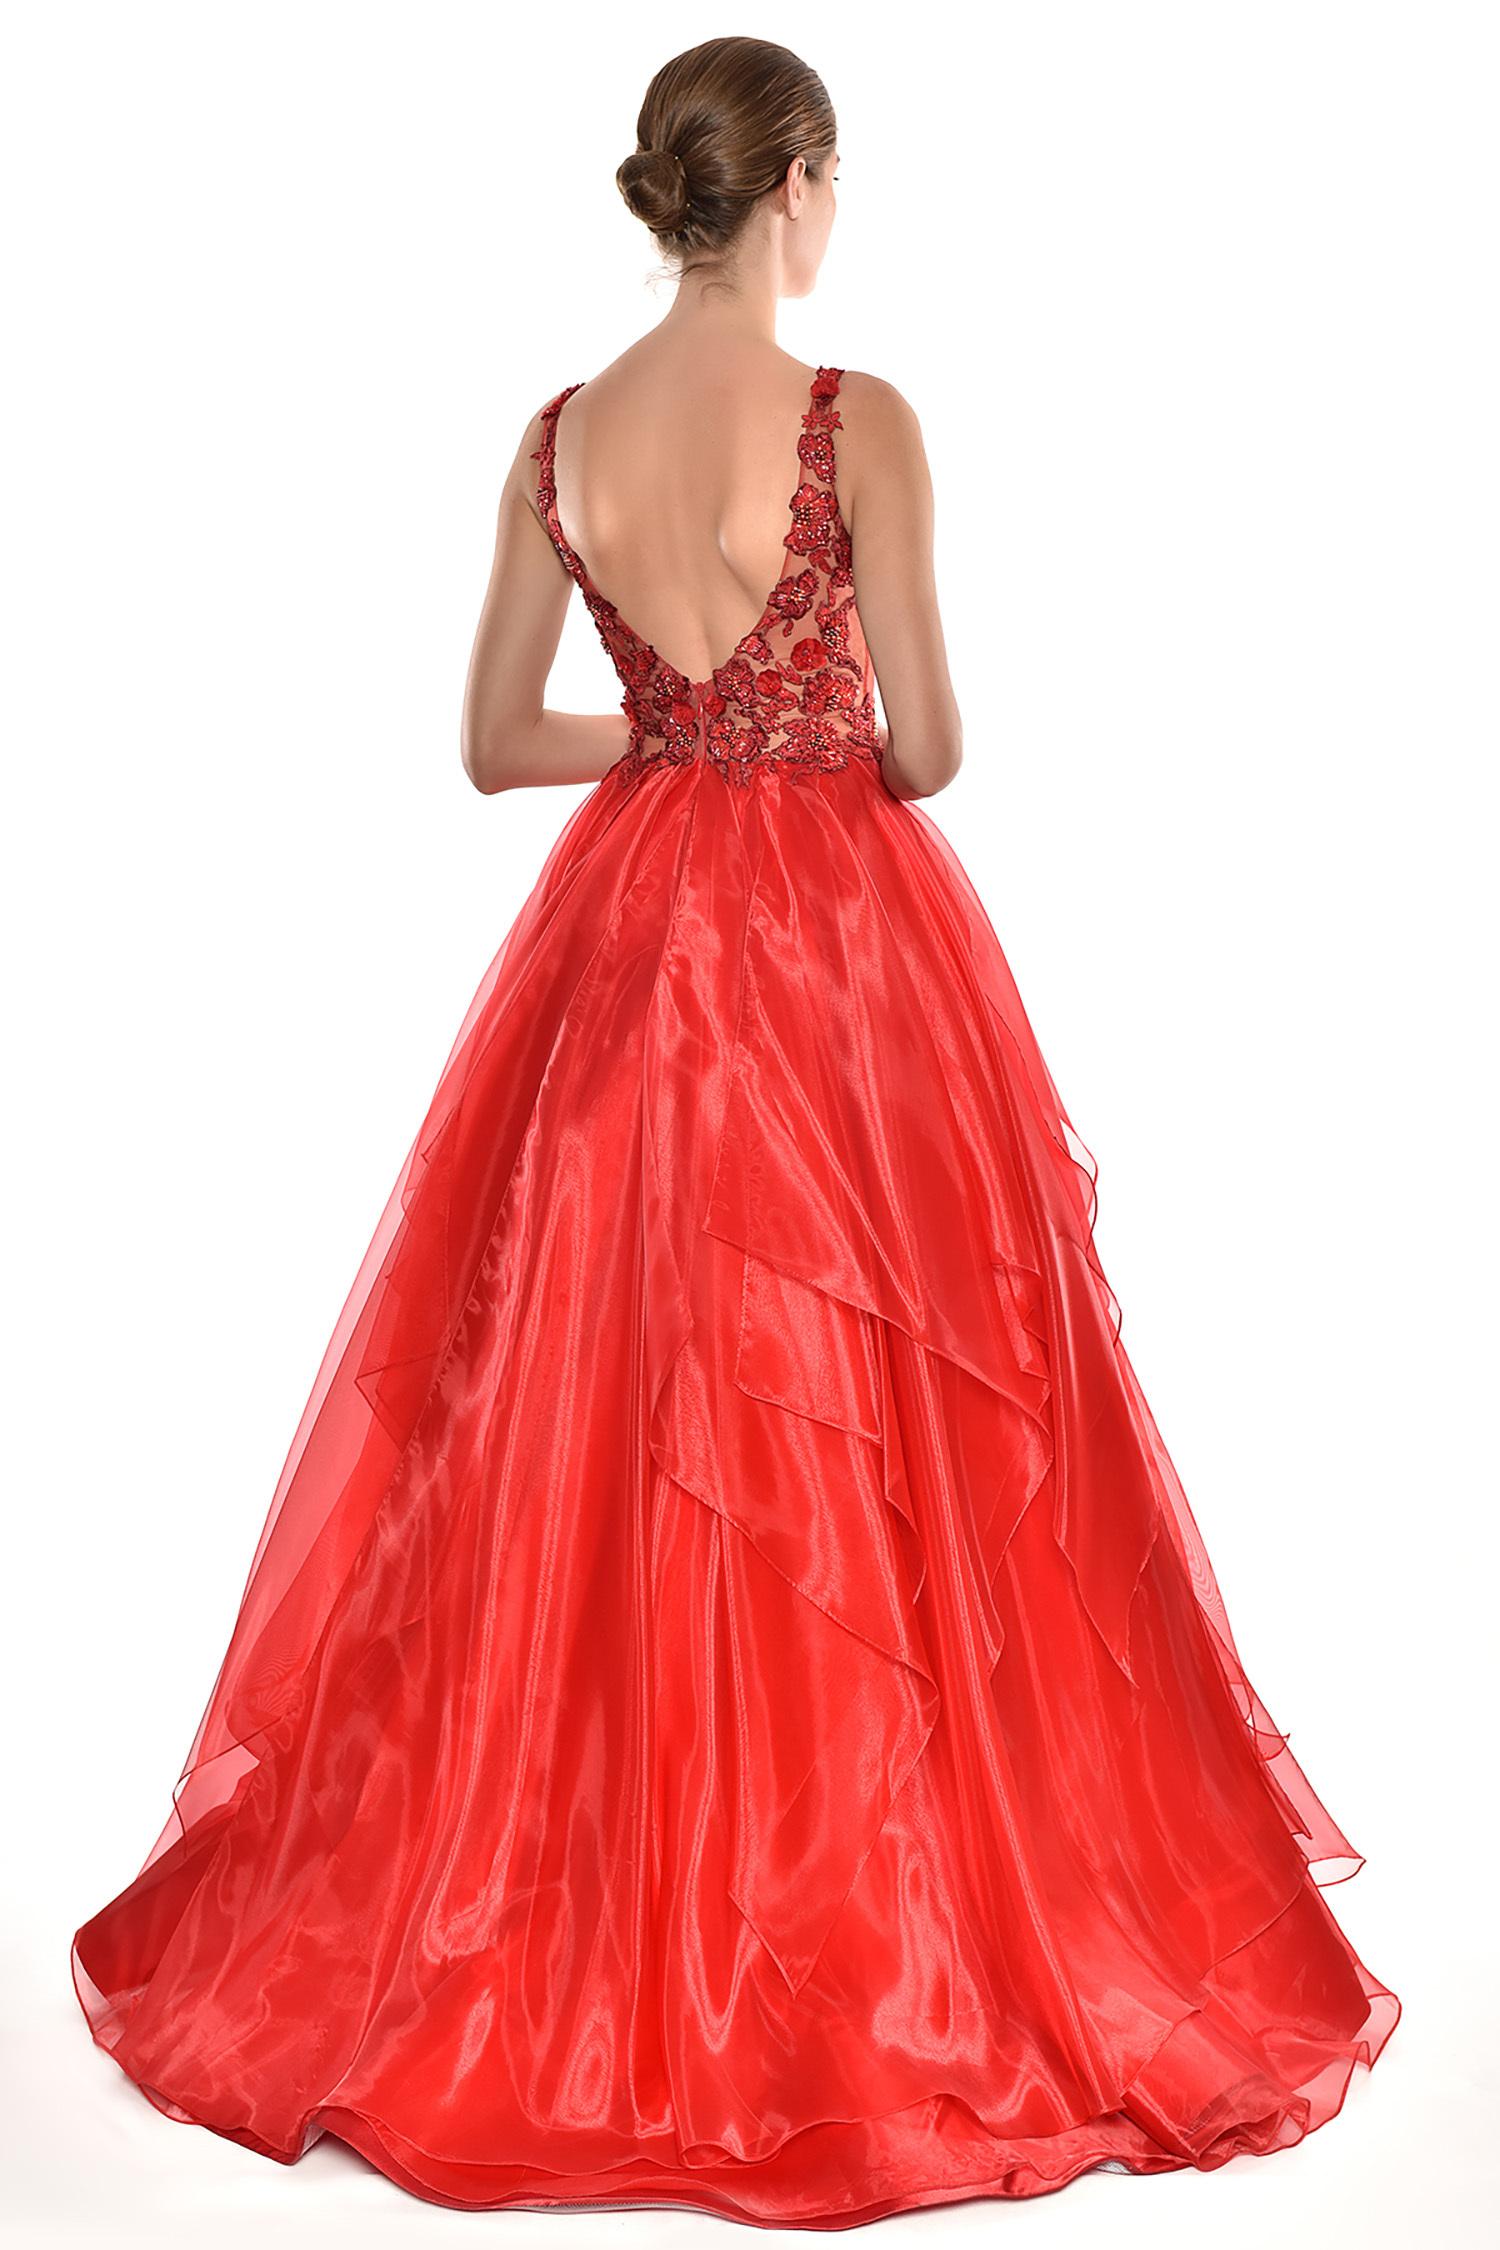 Alfa Beta - Kırmızı Dantel İşlemeli Askılı Kat Etekli Uzun Elbise (1)